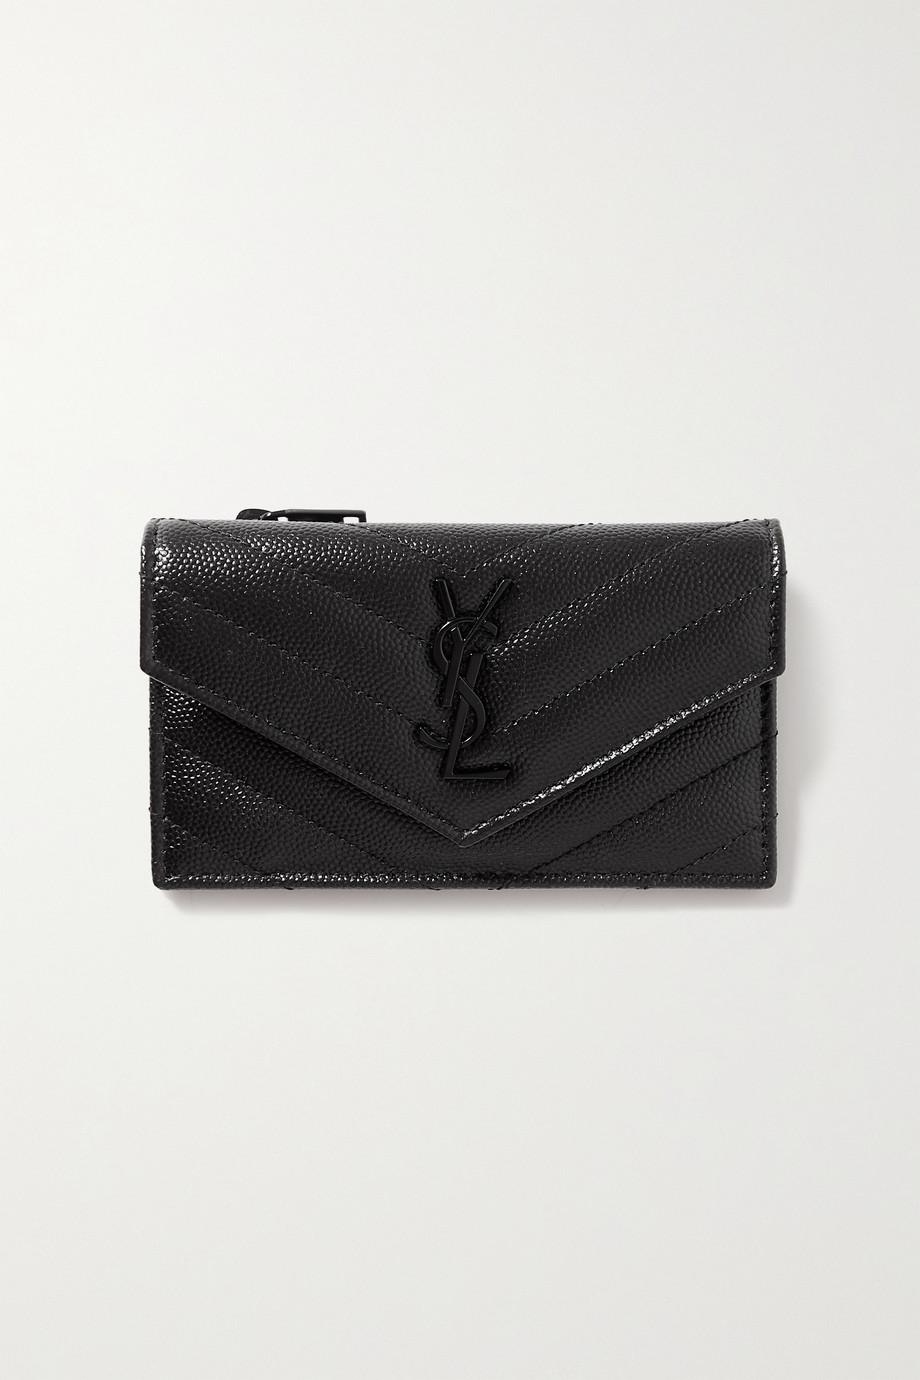 SAINT LAURENT Portefeuille en cuir texturé Monogramme